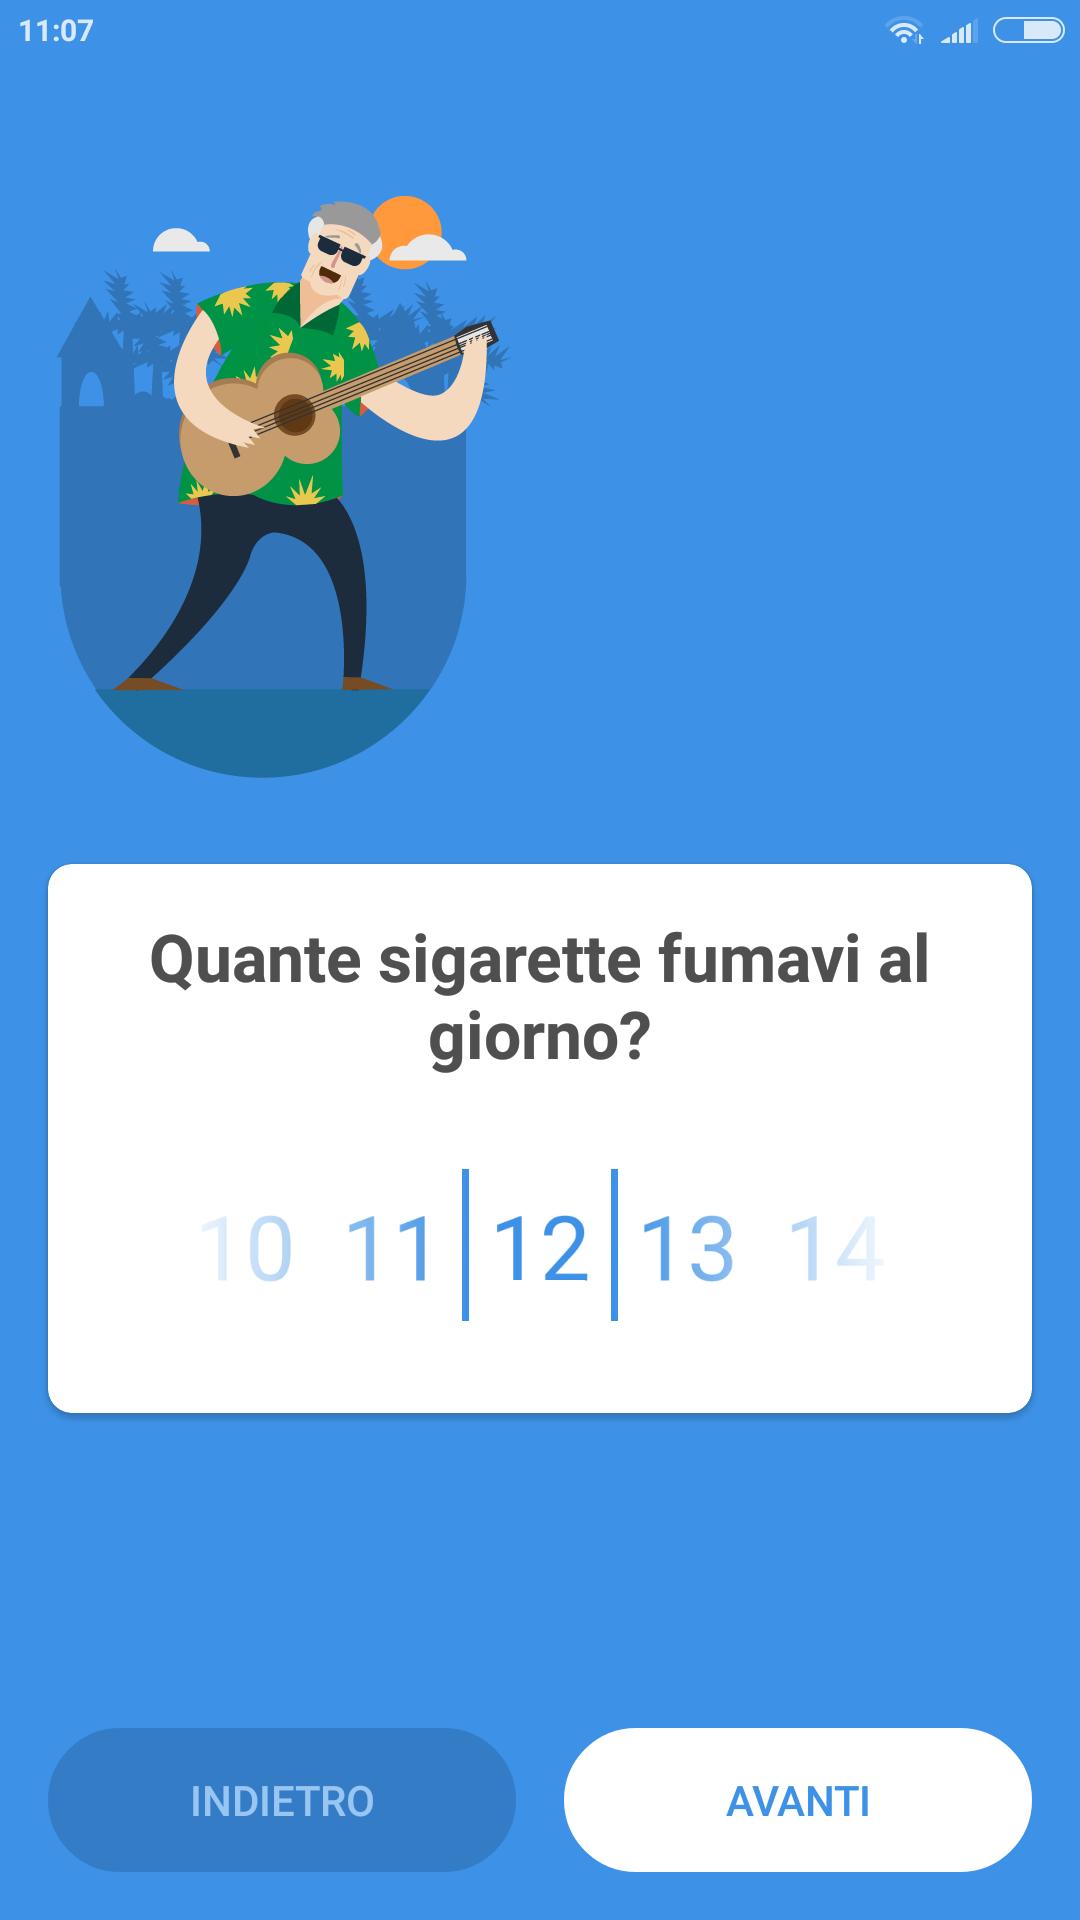 Kwit: l'app che ti aiuta a smettere di fumare - dipendenza-da-nicotina.segnostampa.com